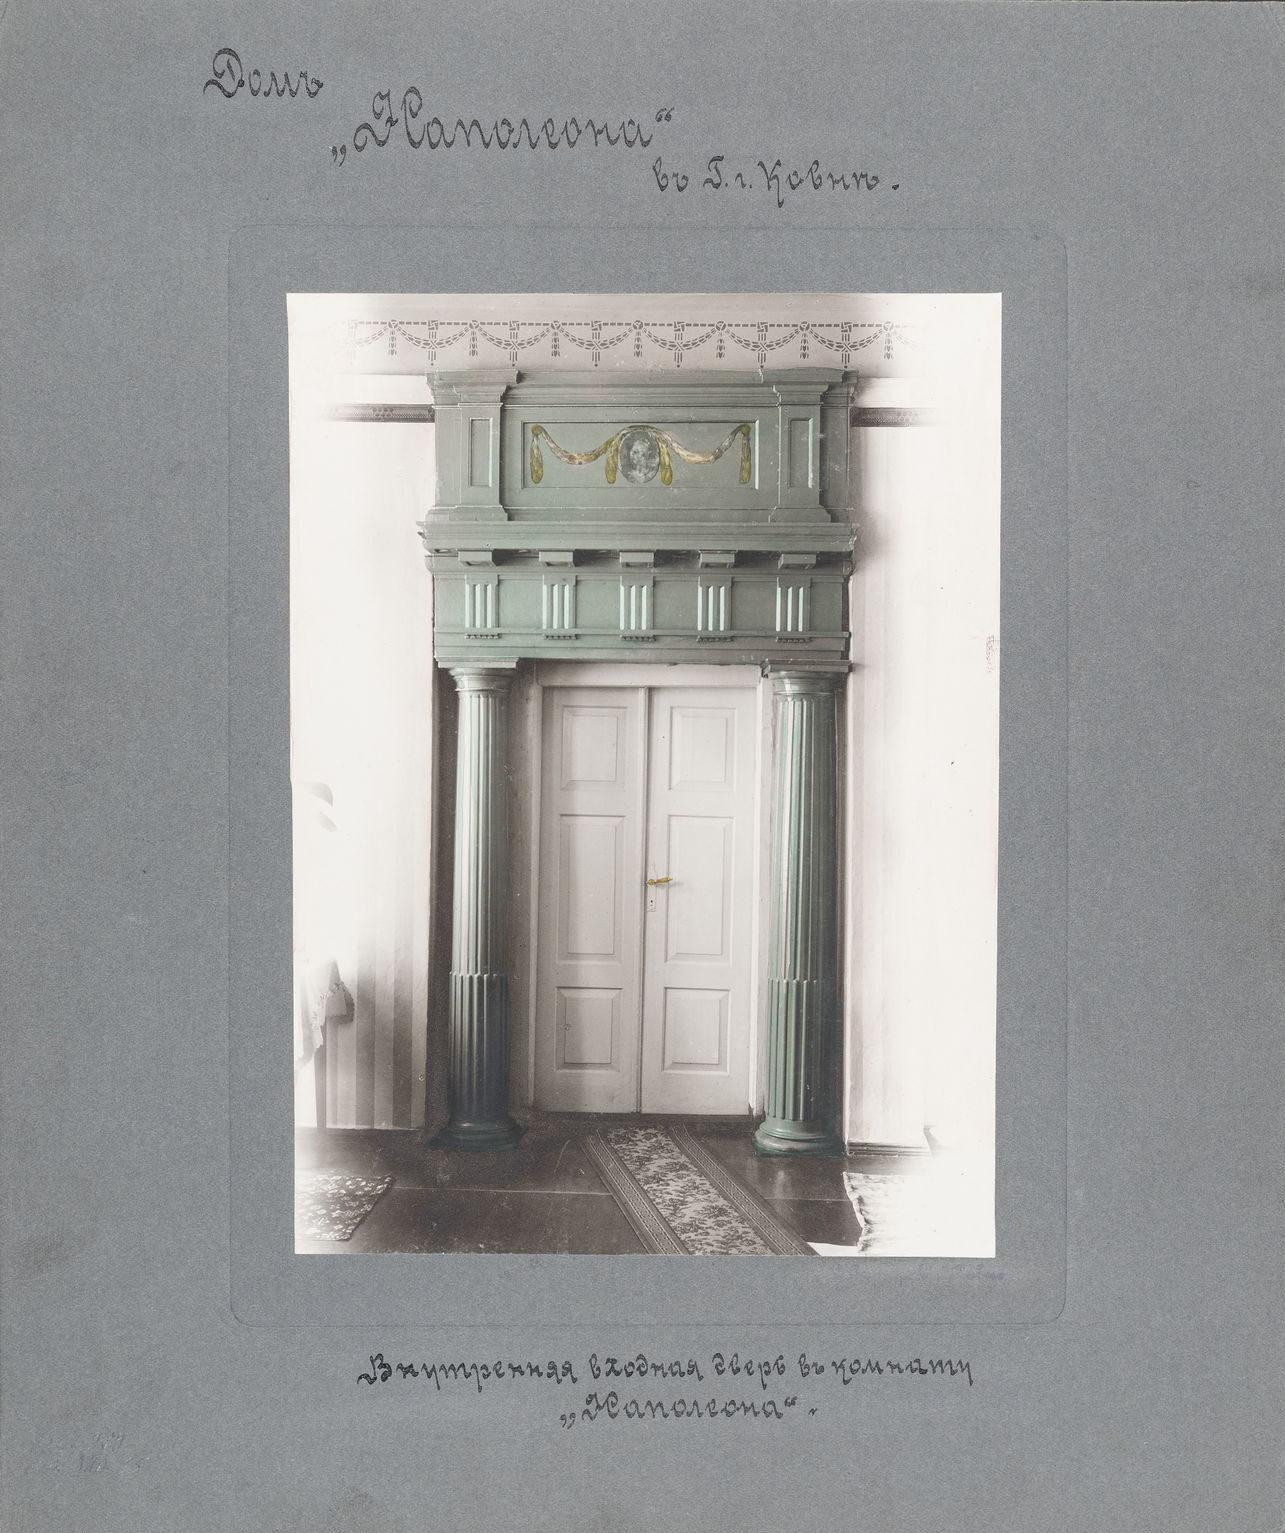 Внутренняя входная дверь в комнату Наполеона. 1910 г. Бумага, коллодионовый отпечаток, акварель